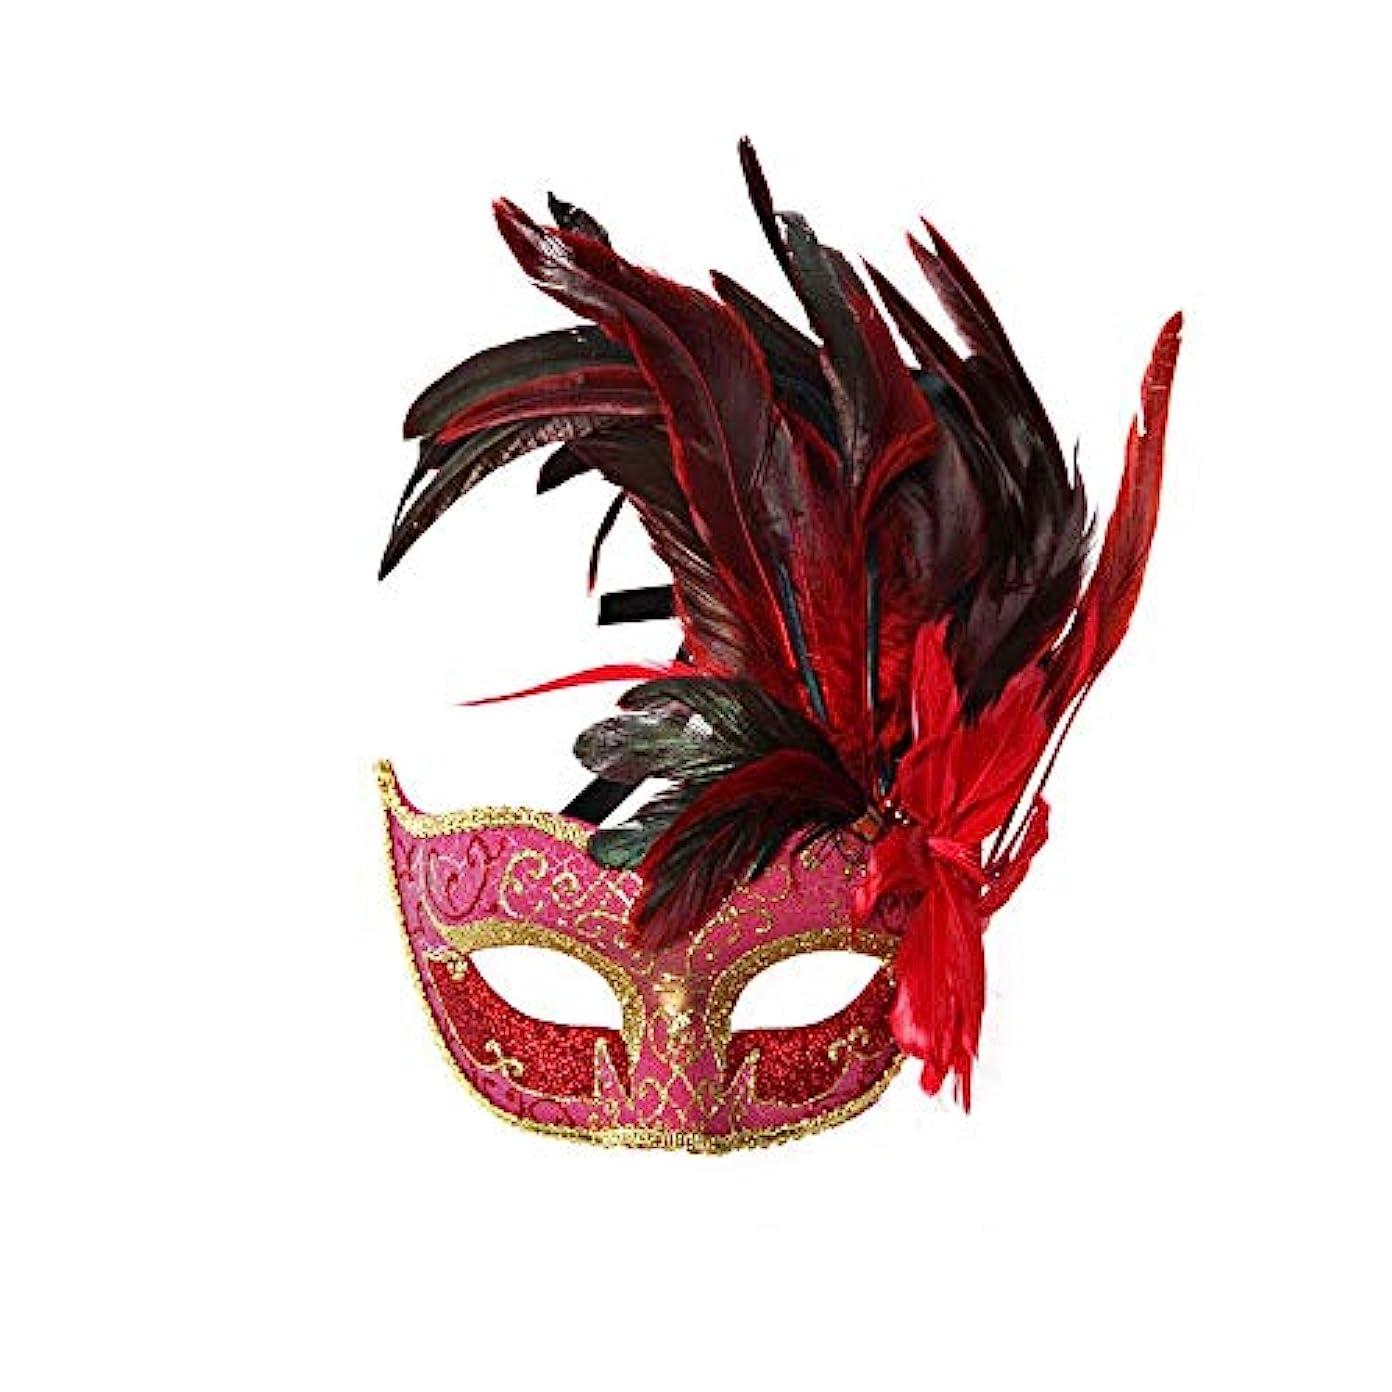 フルーツ多様性疑問に思うNanle ハロウィンマスクハーフフェザーマスクベニスプリンセスマスク美容レース仮面ライダーコスプレ (色 : Style A red)